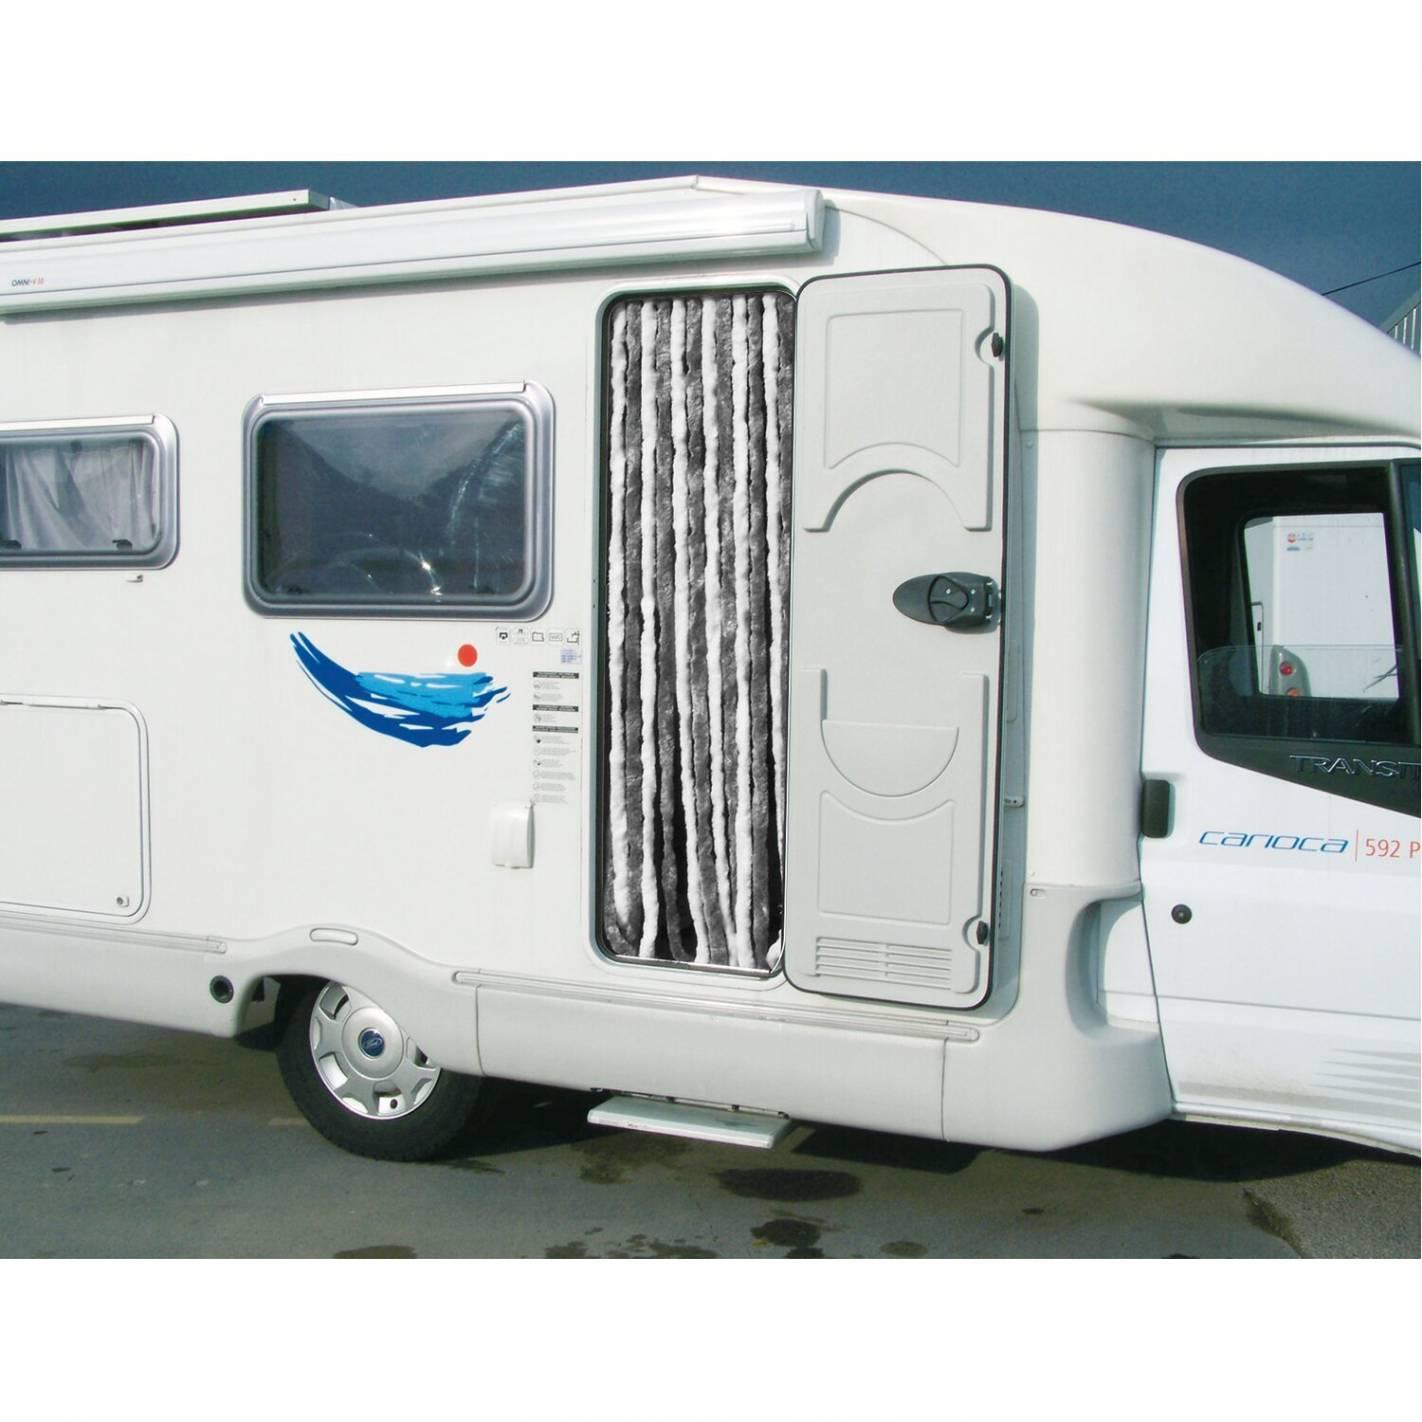 Moustiquaire Porte Cellule Camping Car